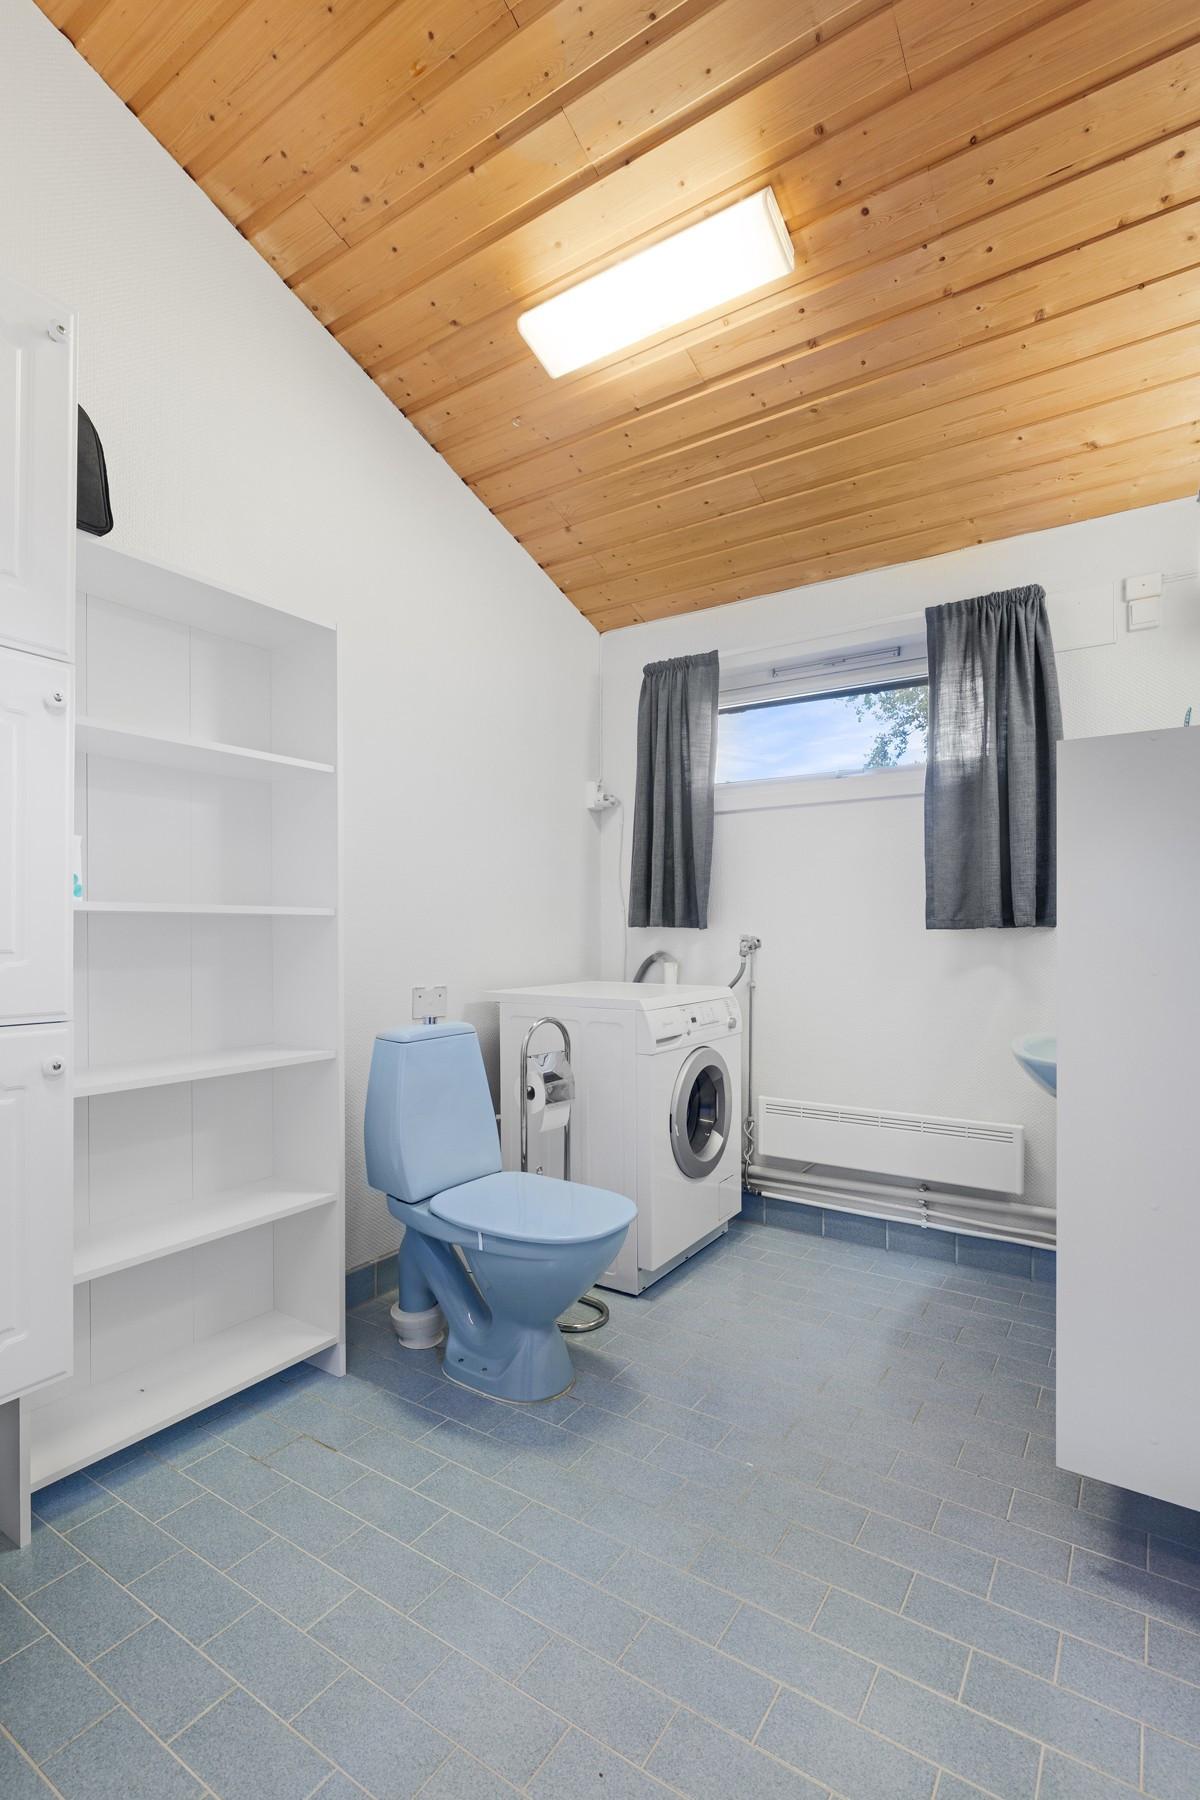 Baderom med gulvvarme og opplegg for vaskemaskin